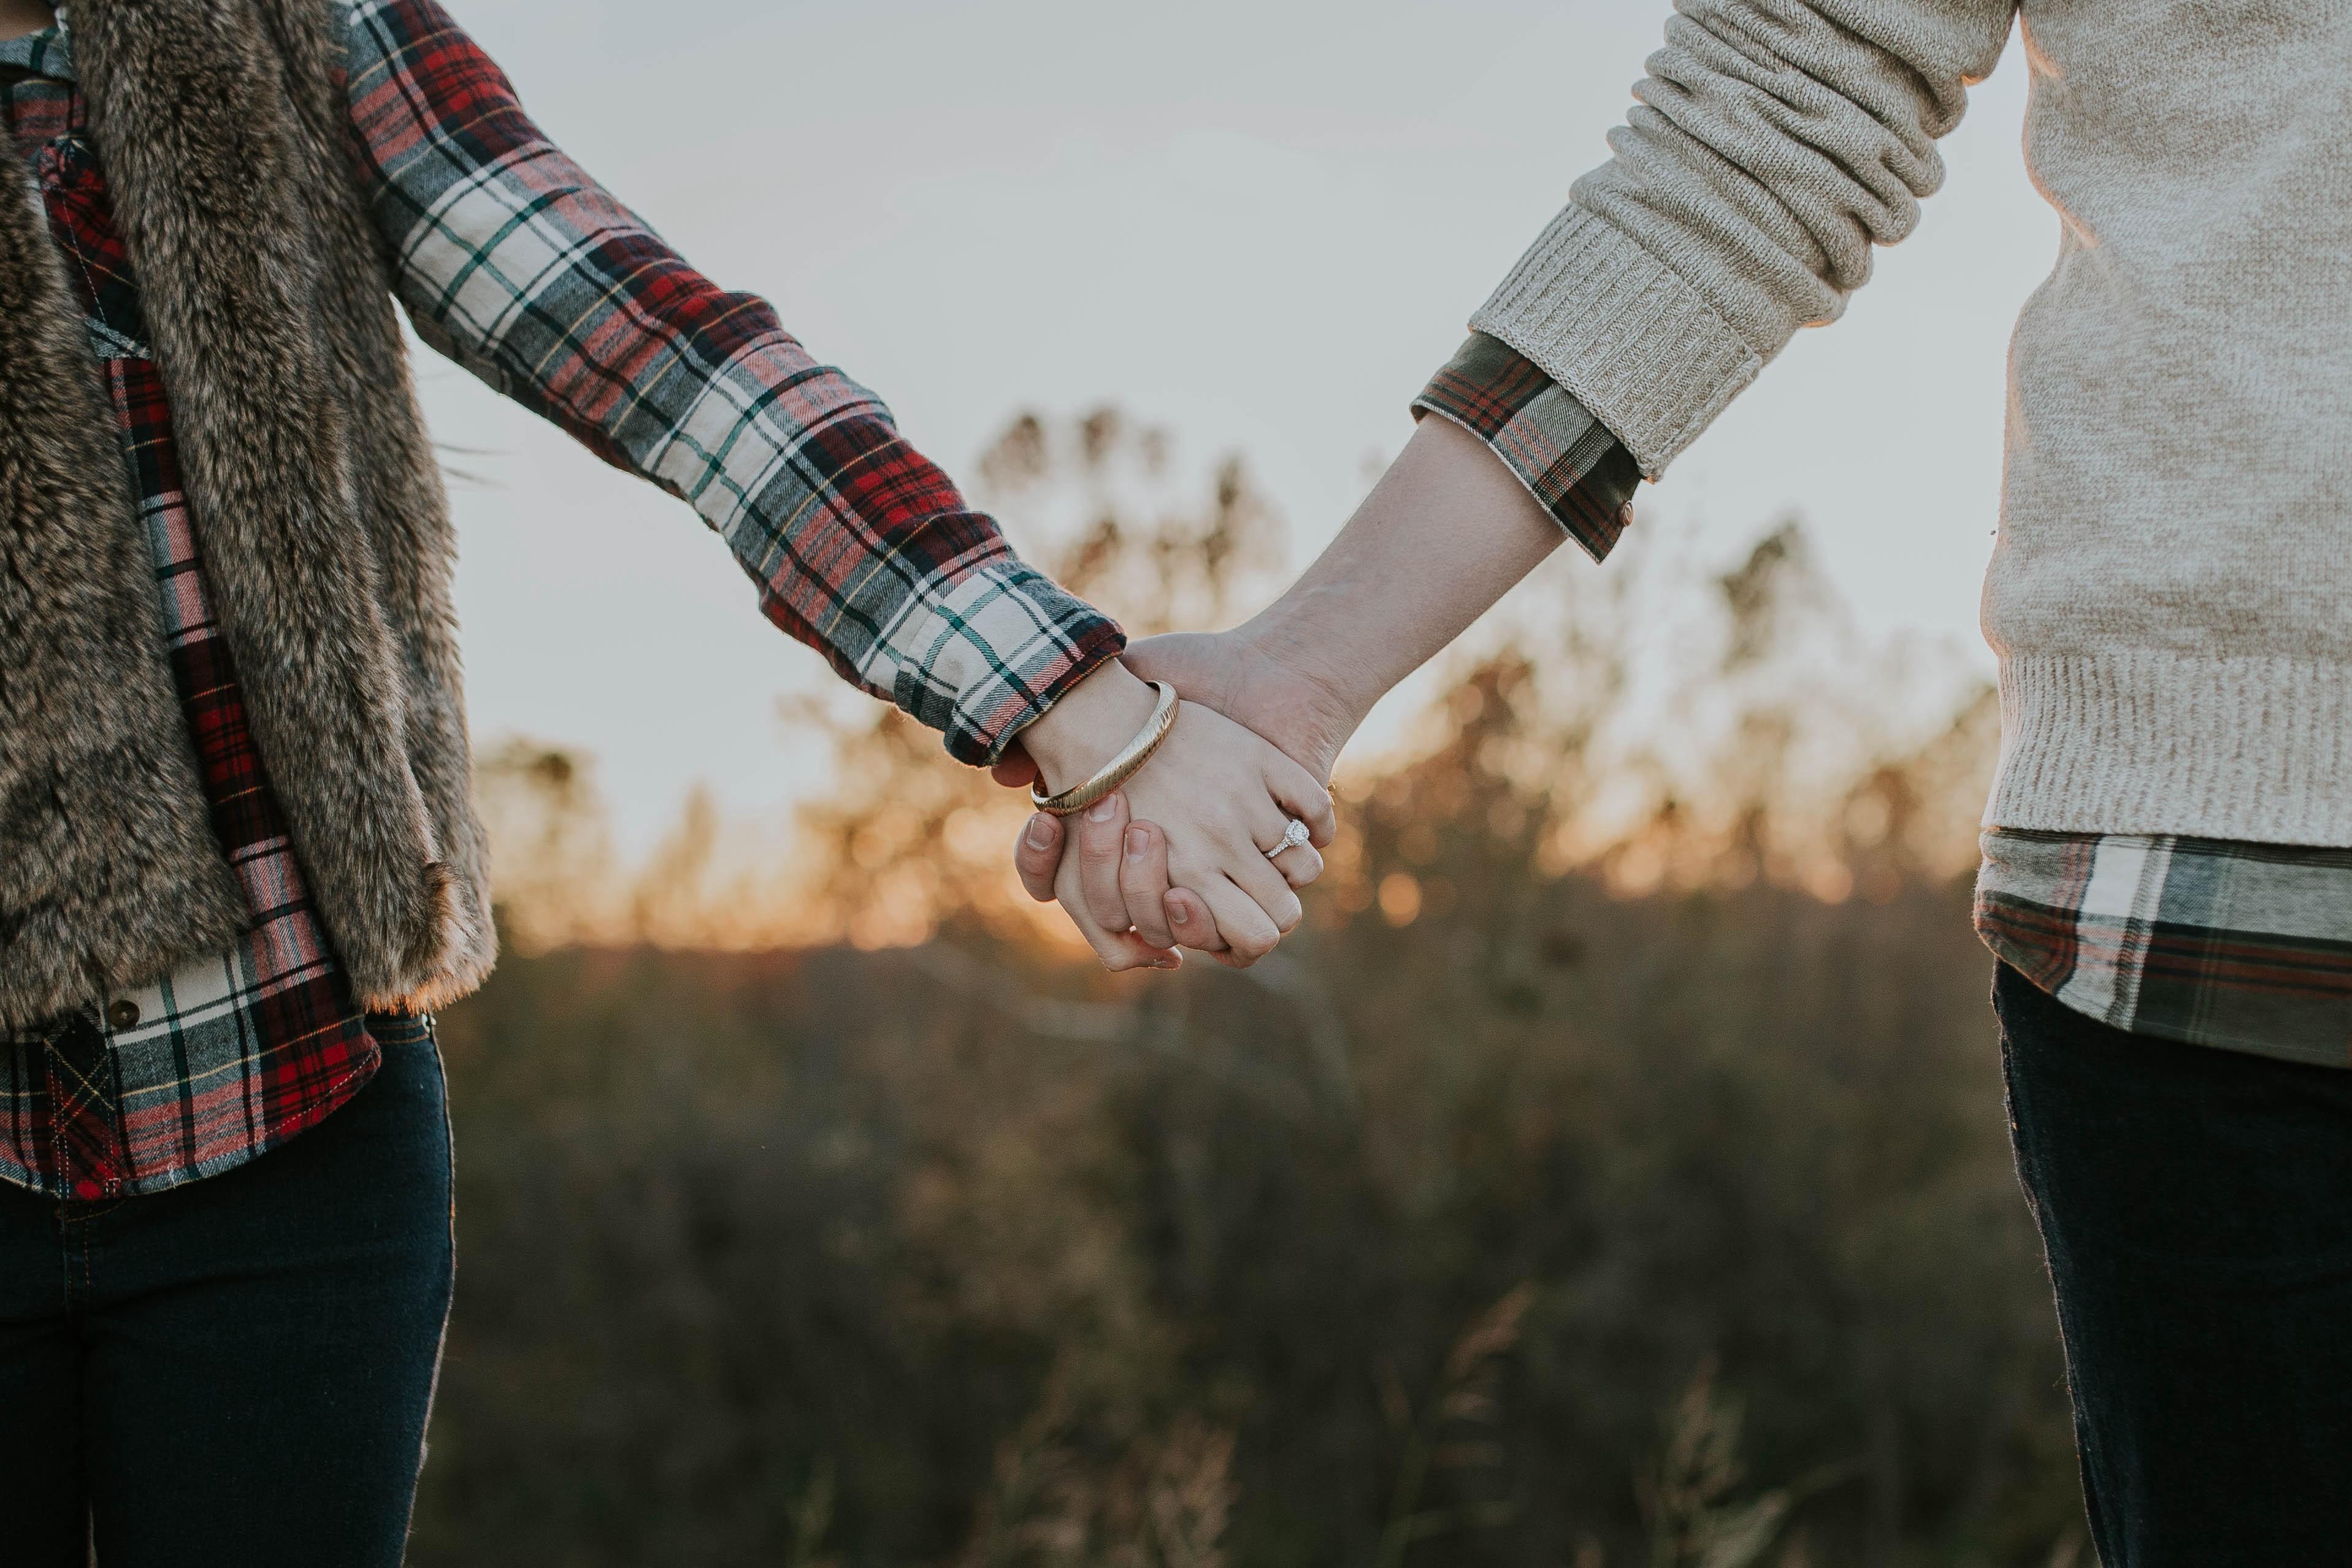 Ảnh anh và em nắm tay nhau